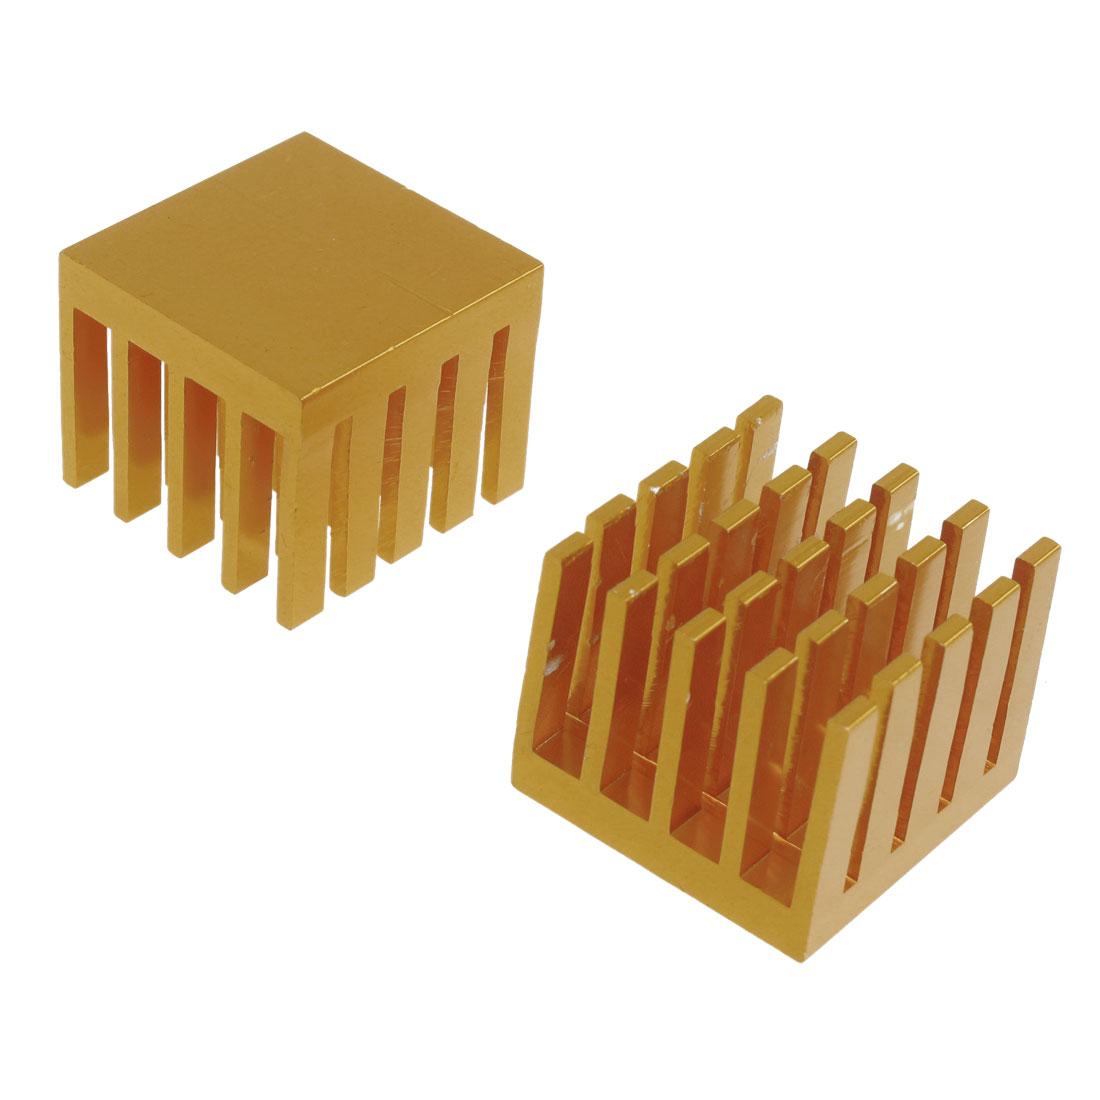 30mm x 25mm x 30mm Heatsink Heat Dissipate Cooling Fin 2 Pcs